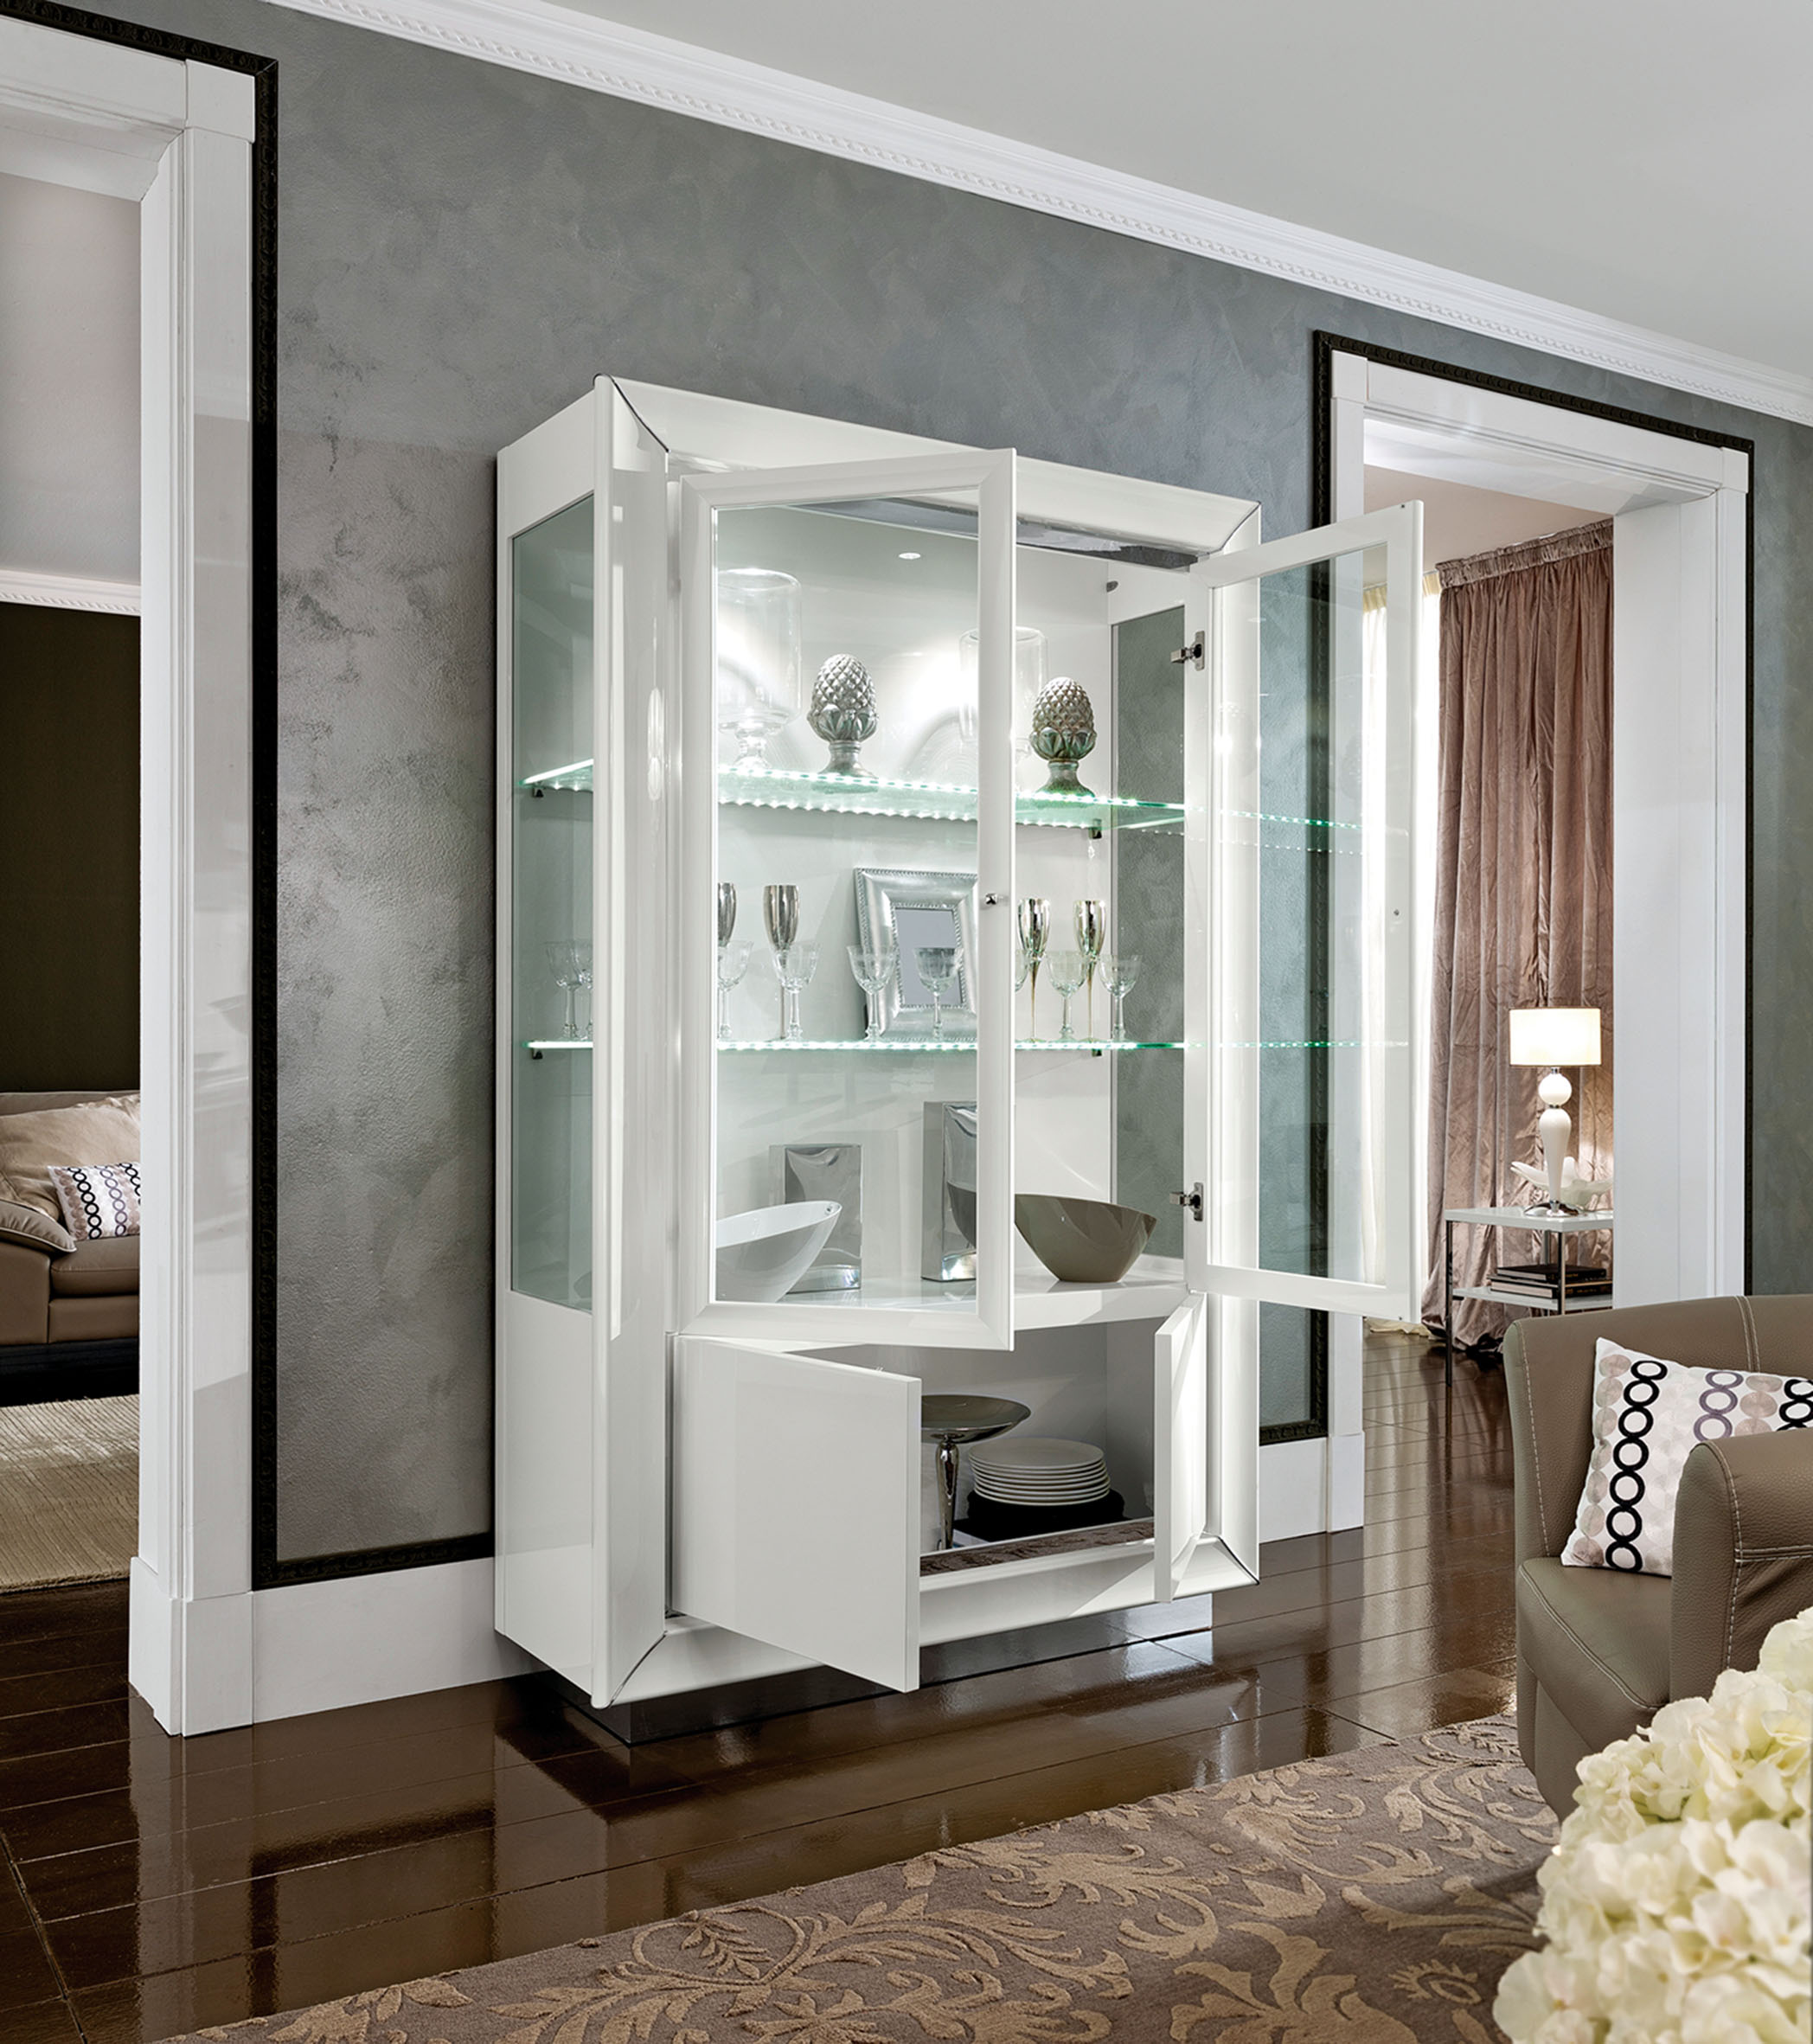 Dama Bianca Dining Modern Formal Sets Room Furniture